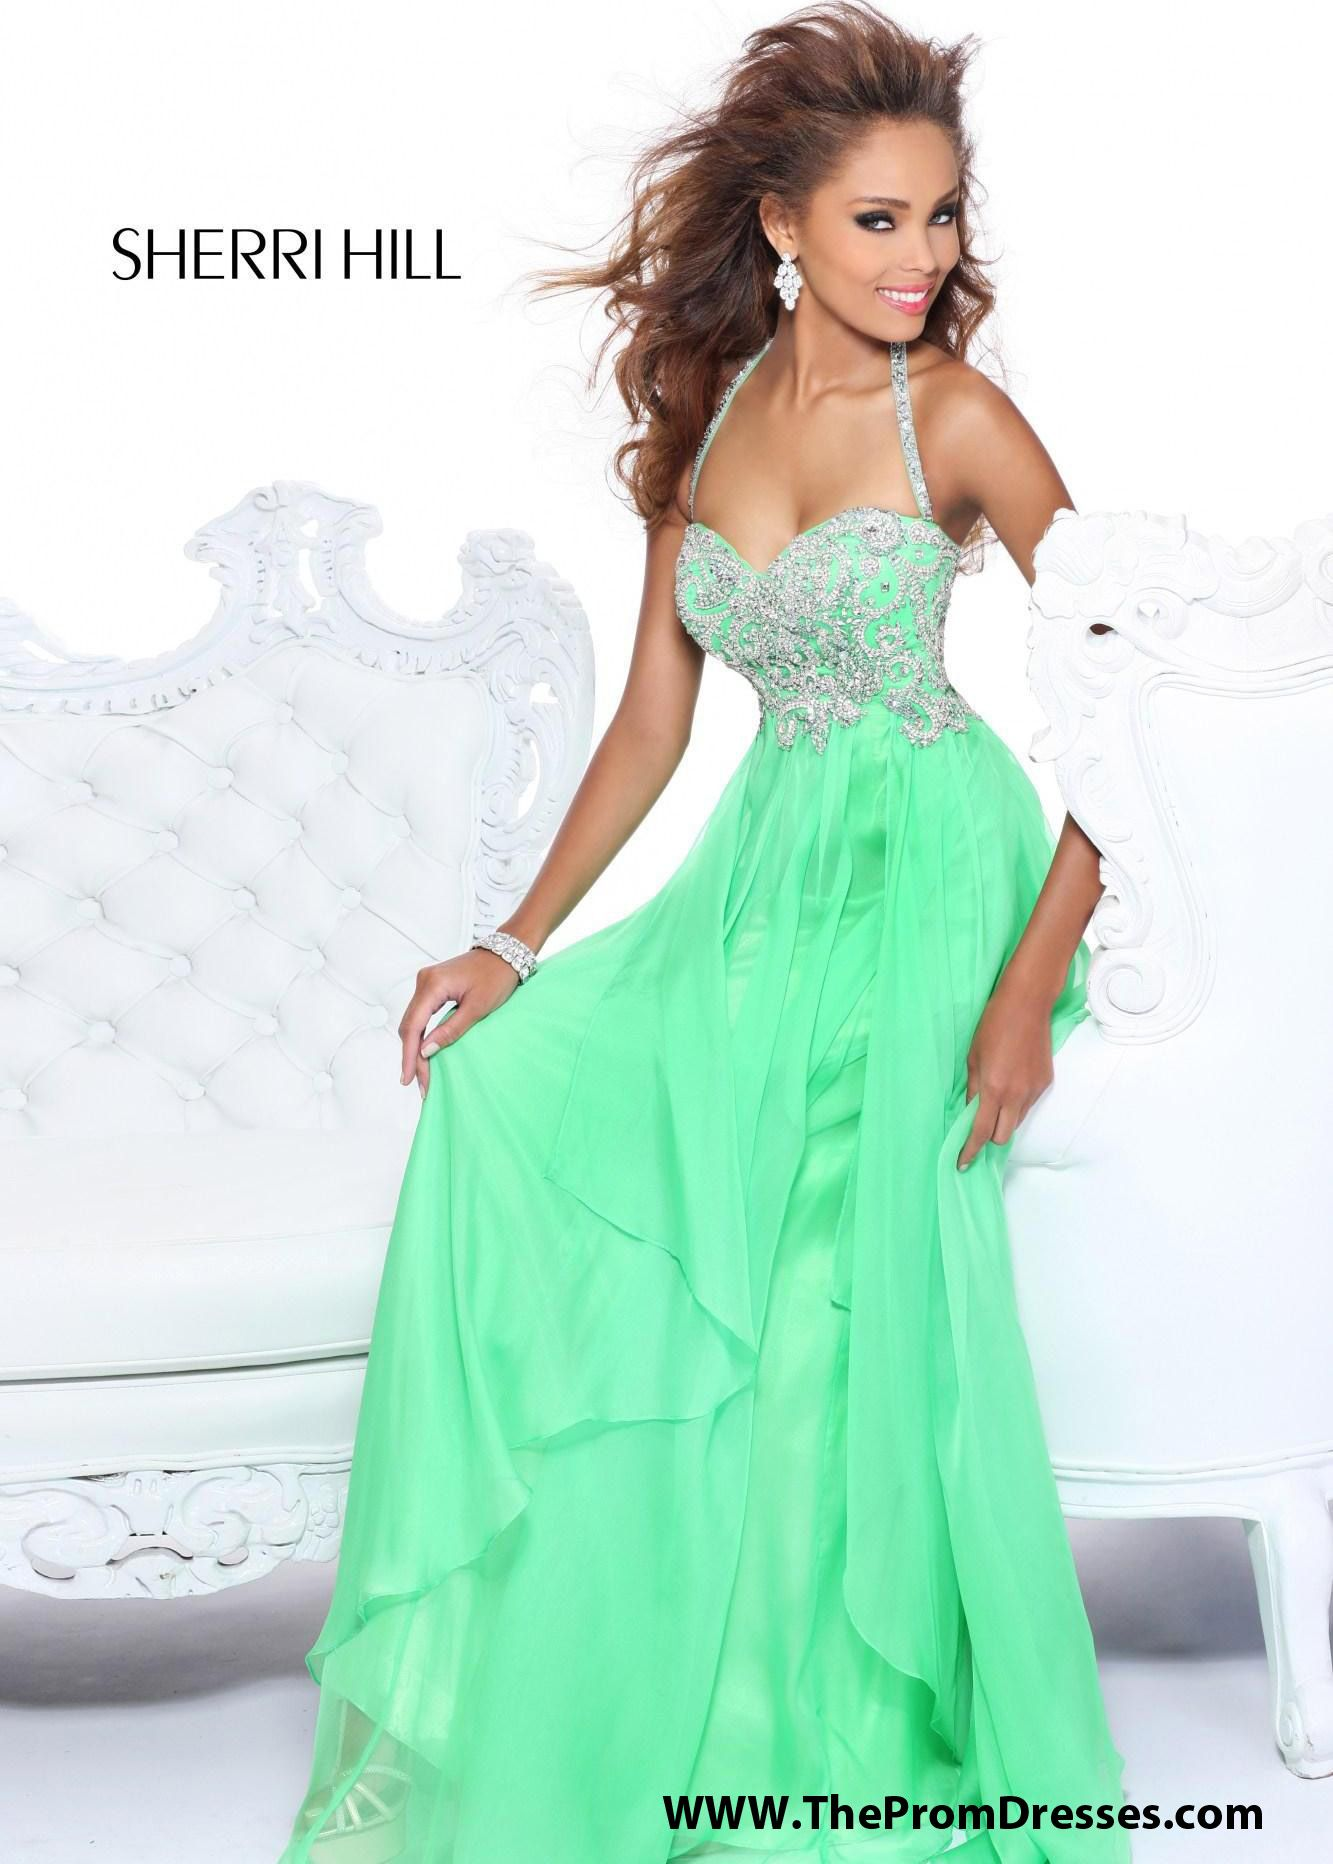 Sherri hill green evening gown formal ideas uc pinterest